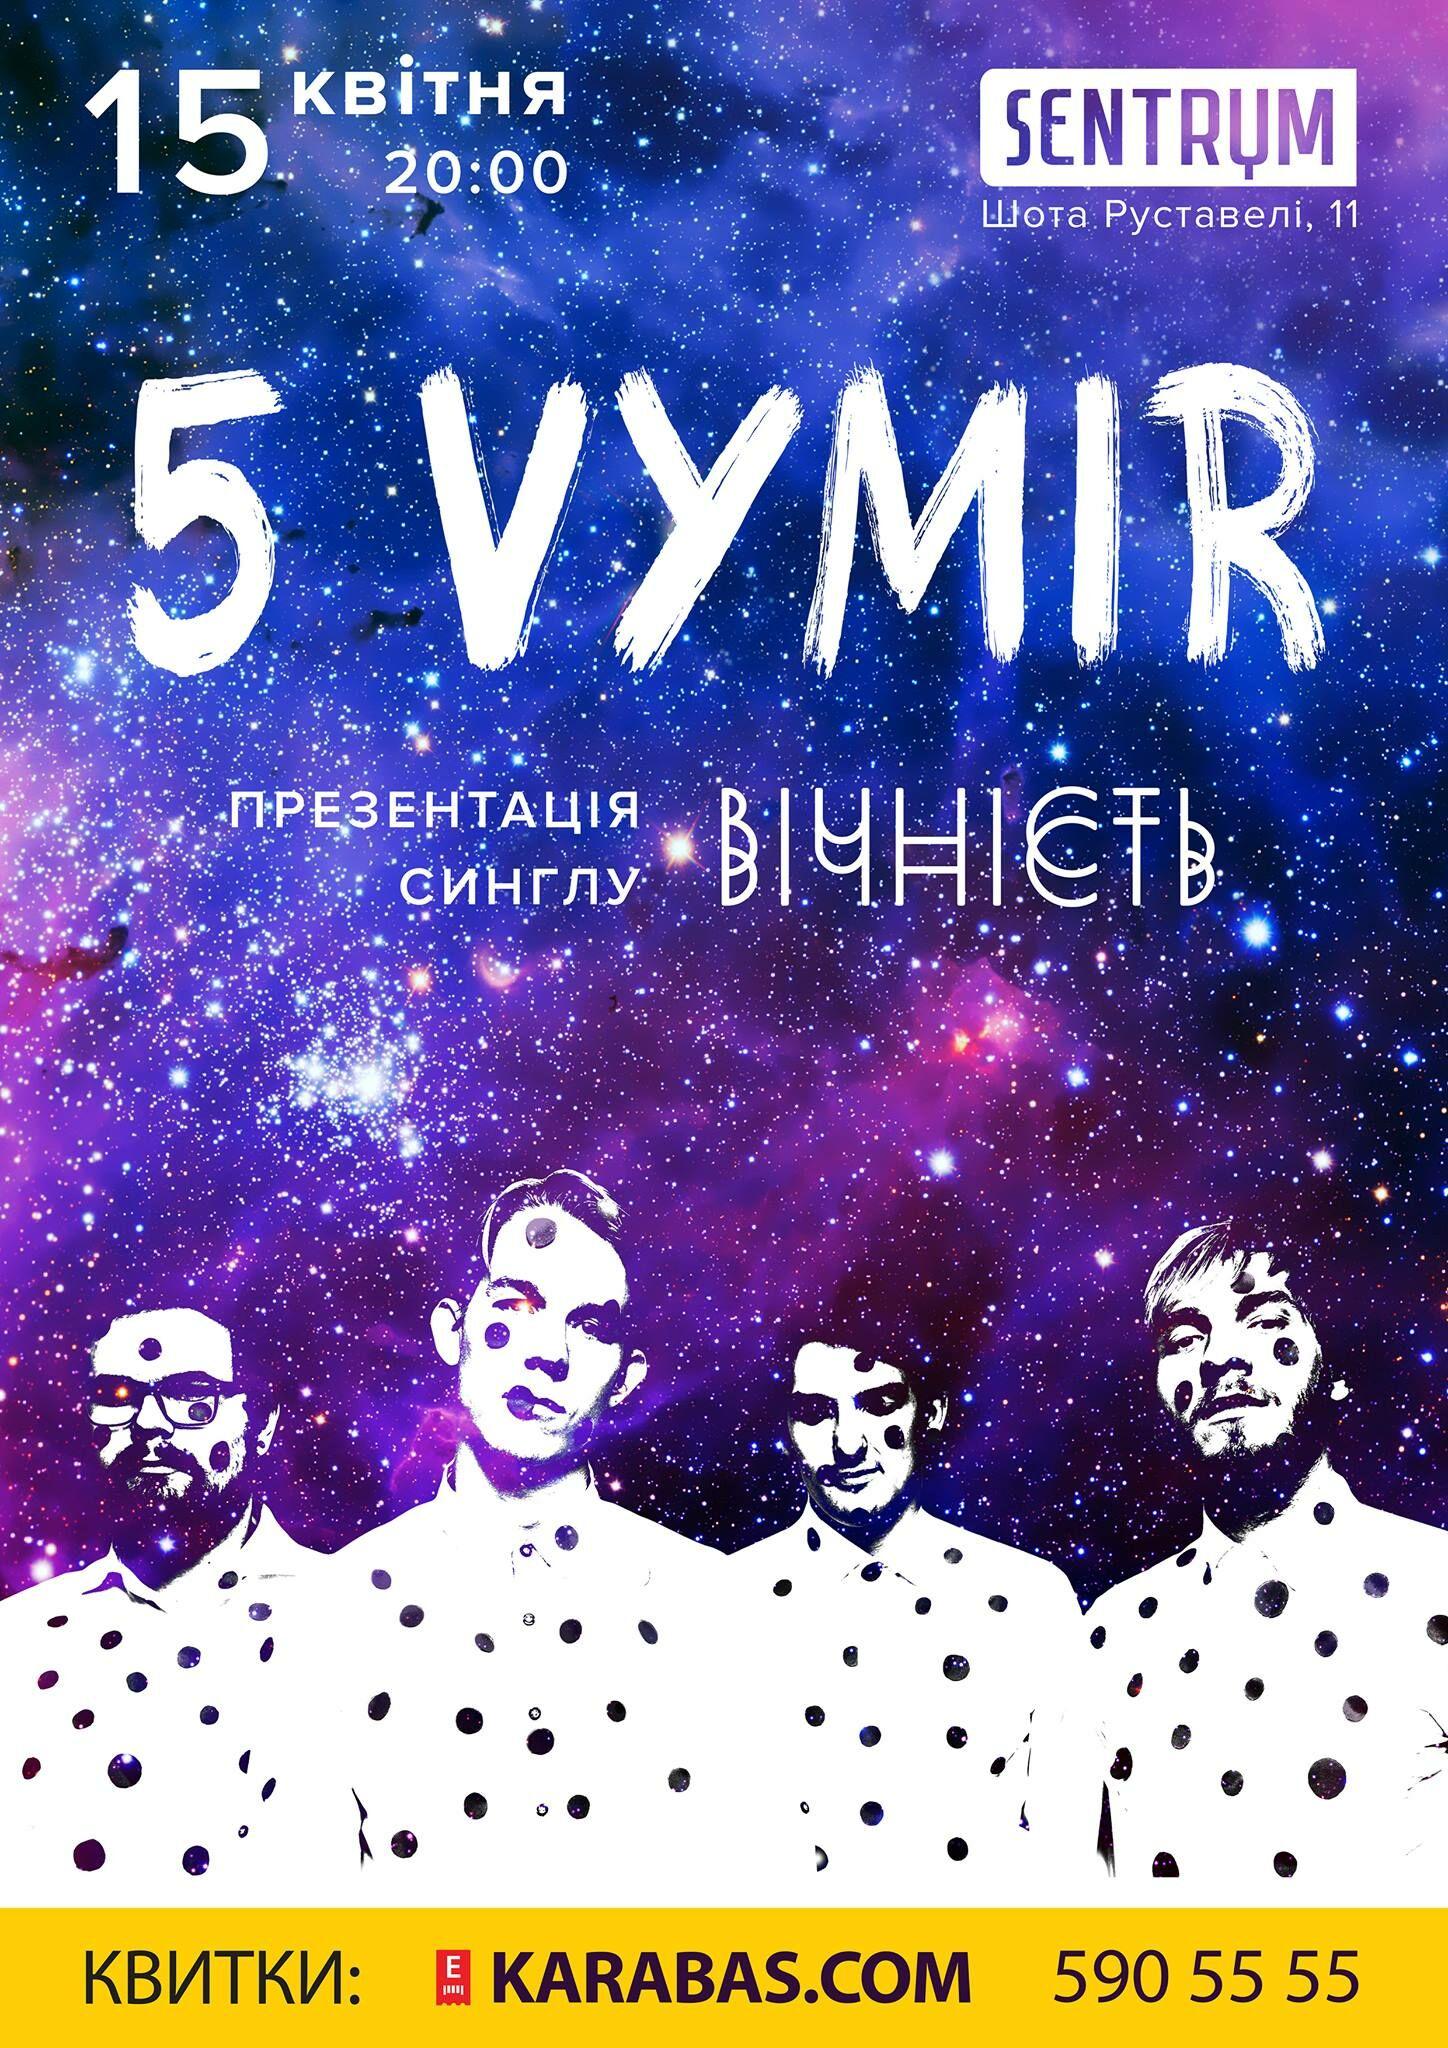 5 Vymir